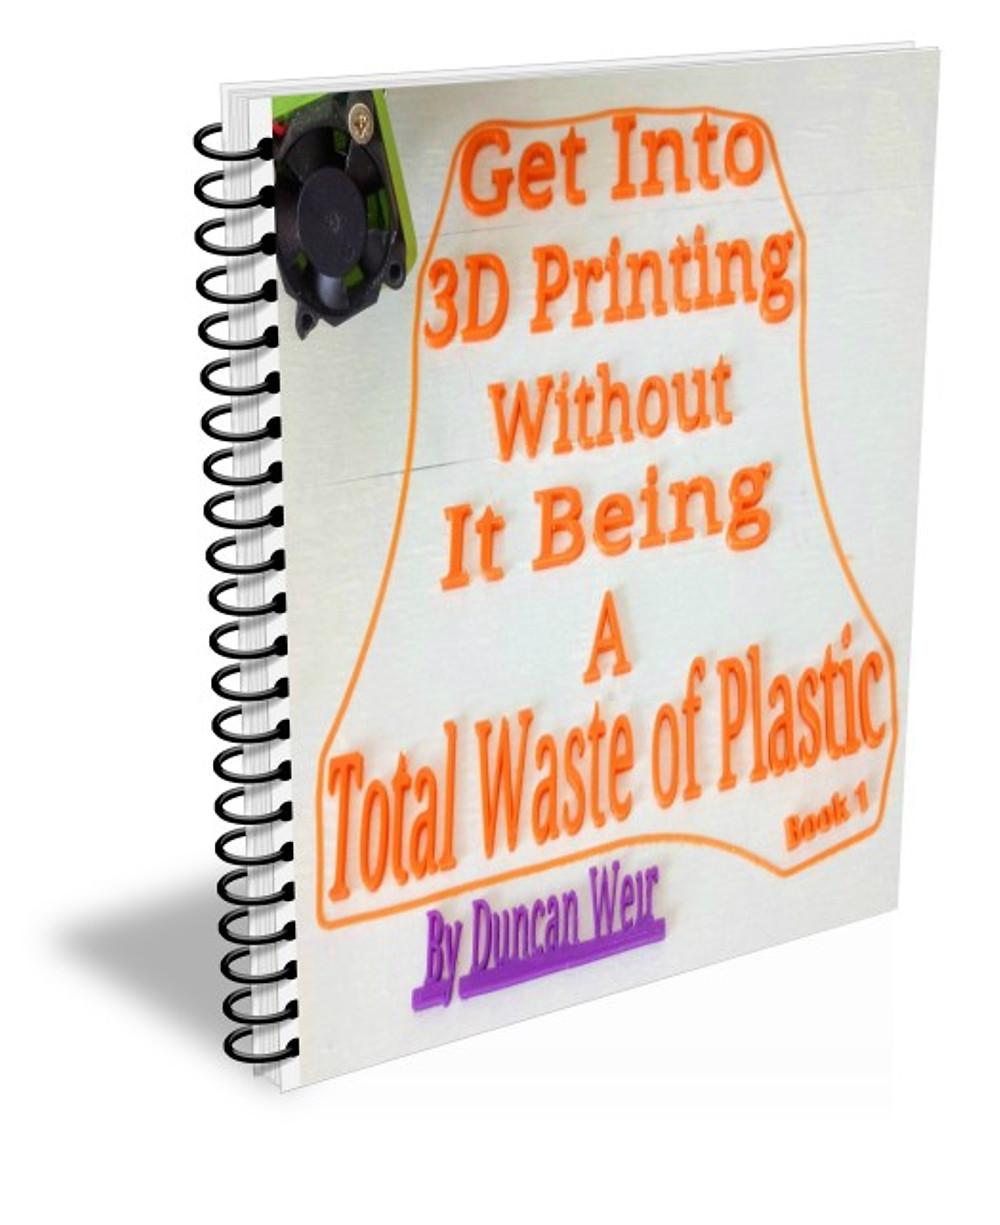 Book1-spiral-3D